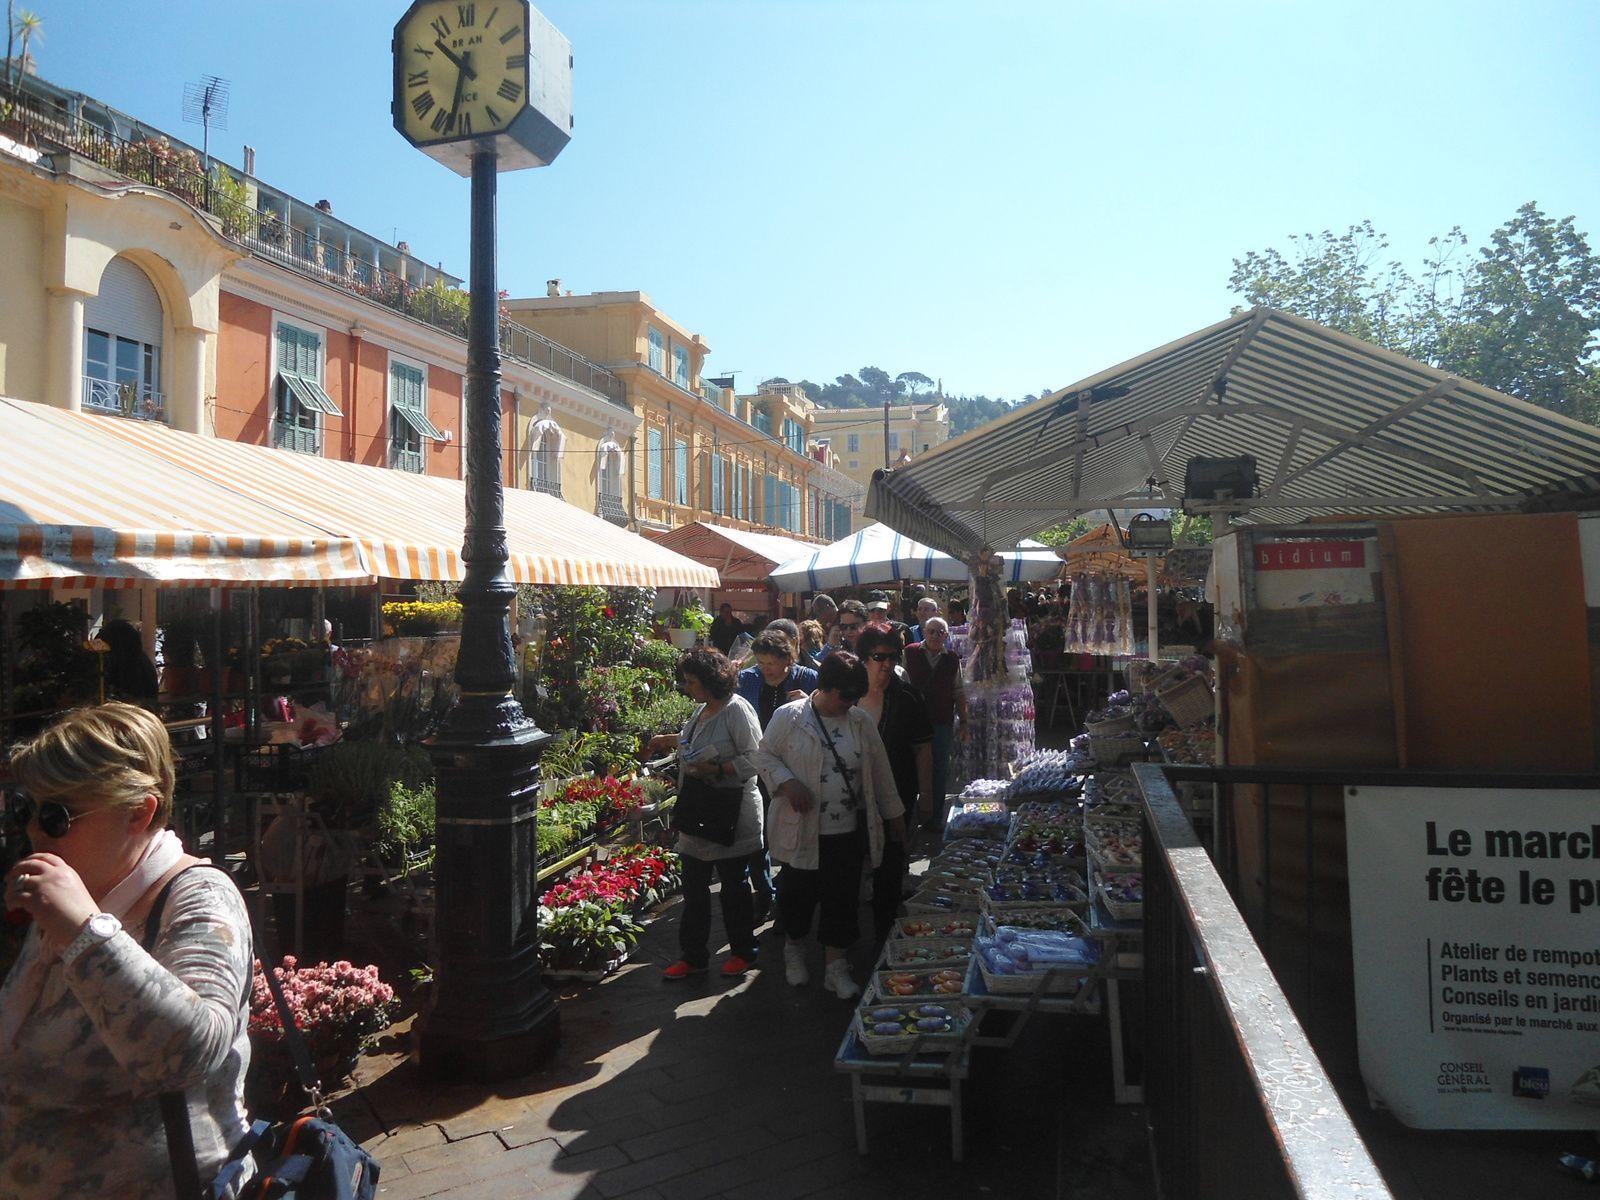 Le magnifique marché aux fleurs qui se déroule tous les matins dans le vieux Nice. Un vrai régale pour les yeux !